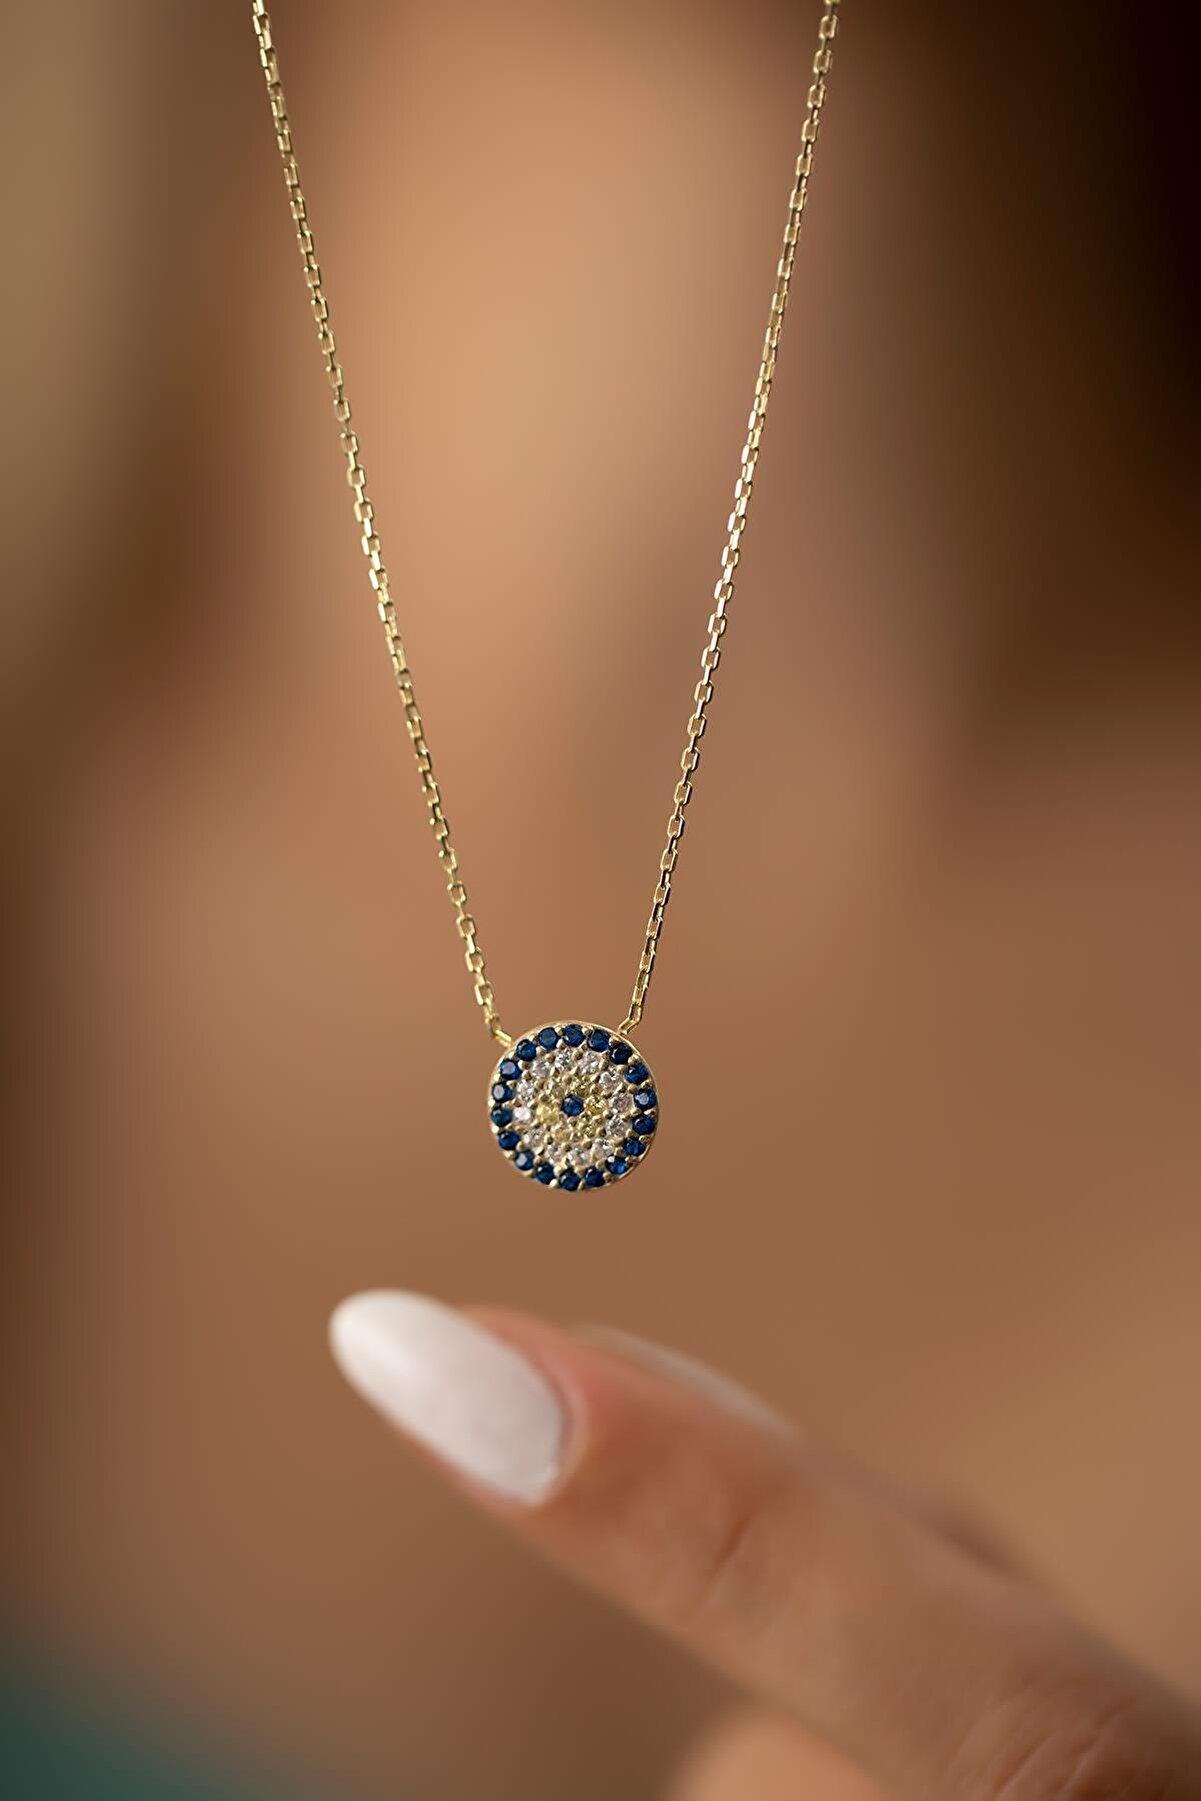 İzla Design Kadın Nazarlık Model Altın Kaplama Gümüş İtalyan Kolye PKT-TLYSLVR0499